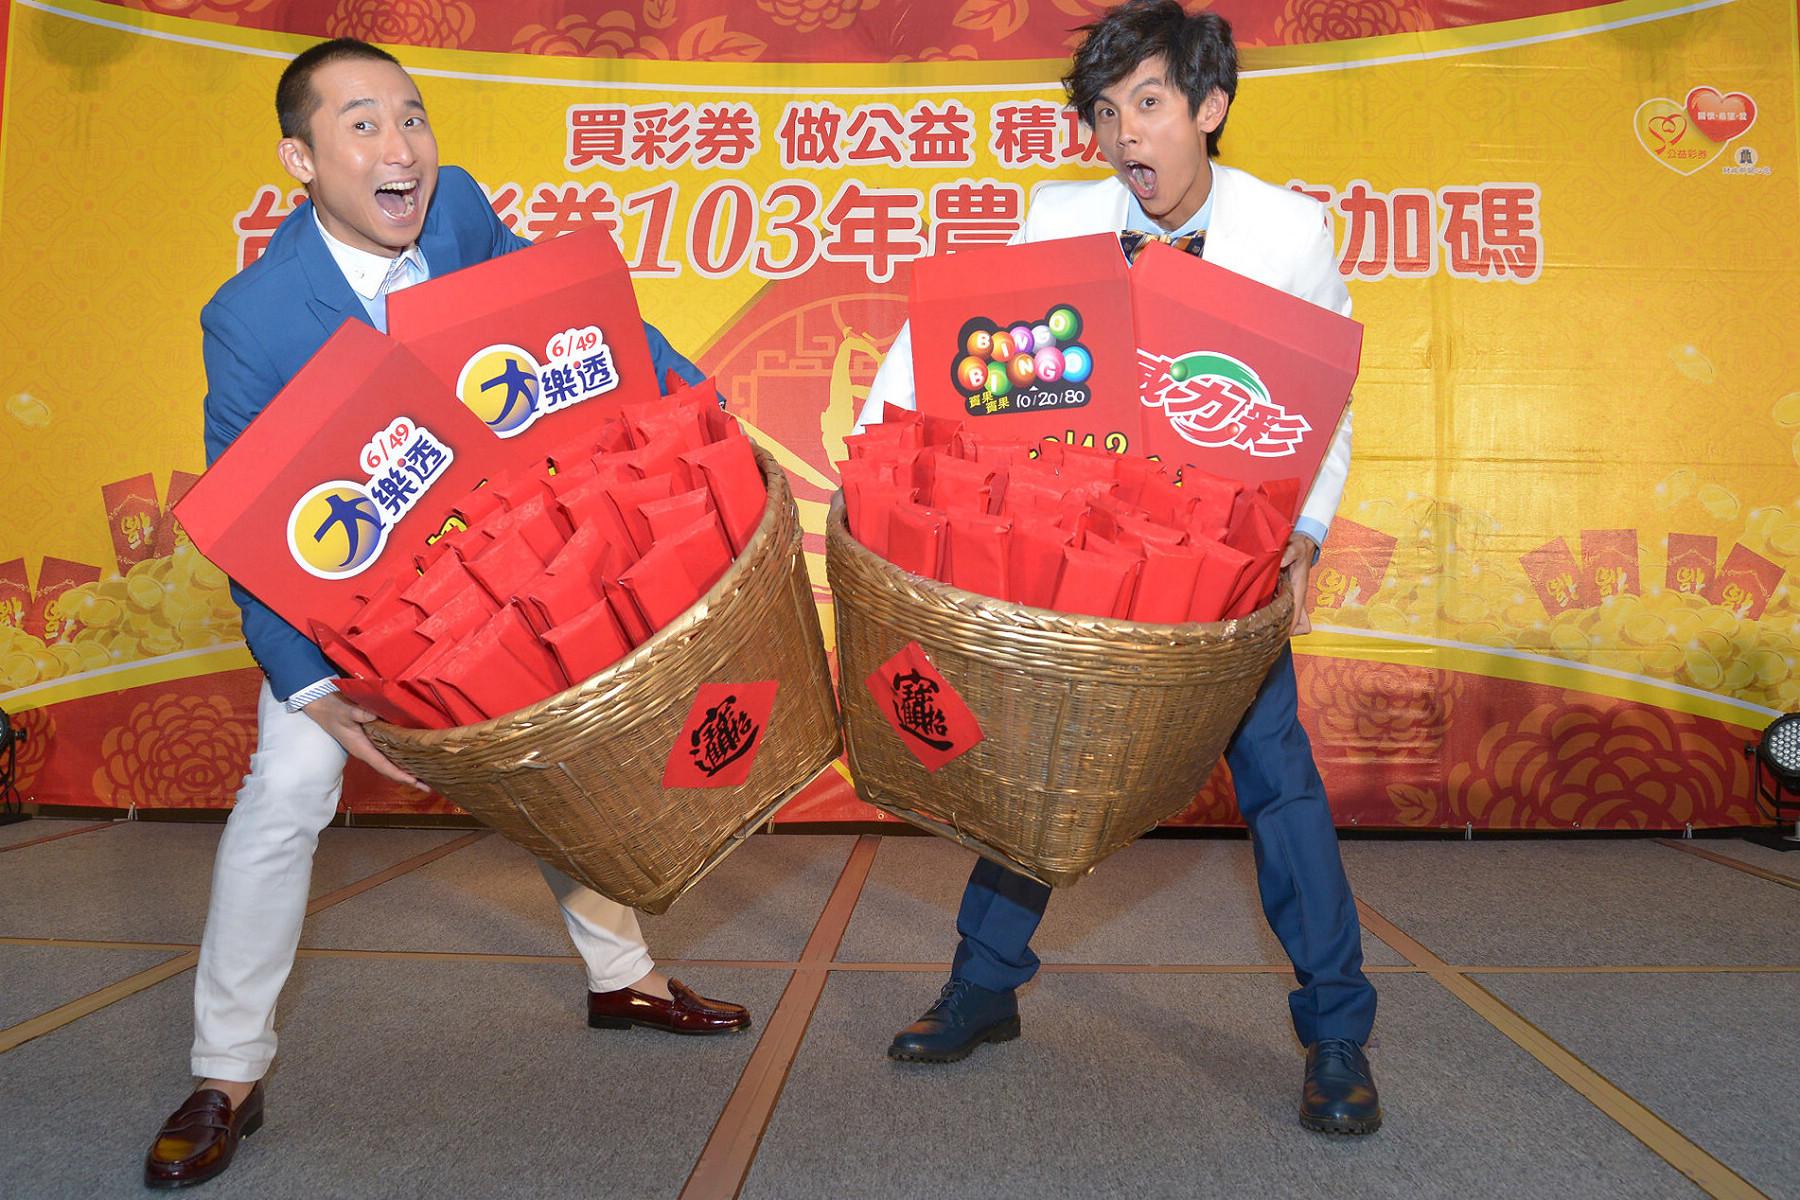 號角響起今天代言,台彩春節加碼獎金共7億元。(記者Jimi Liao攝影)